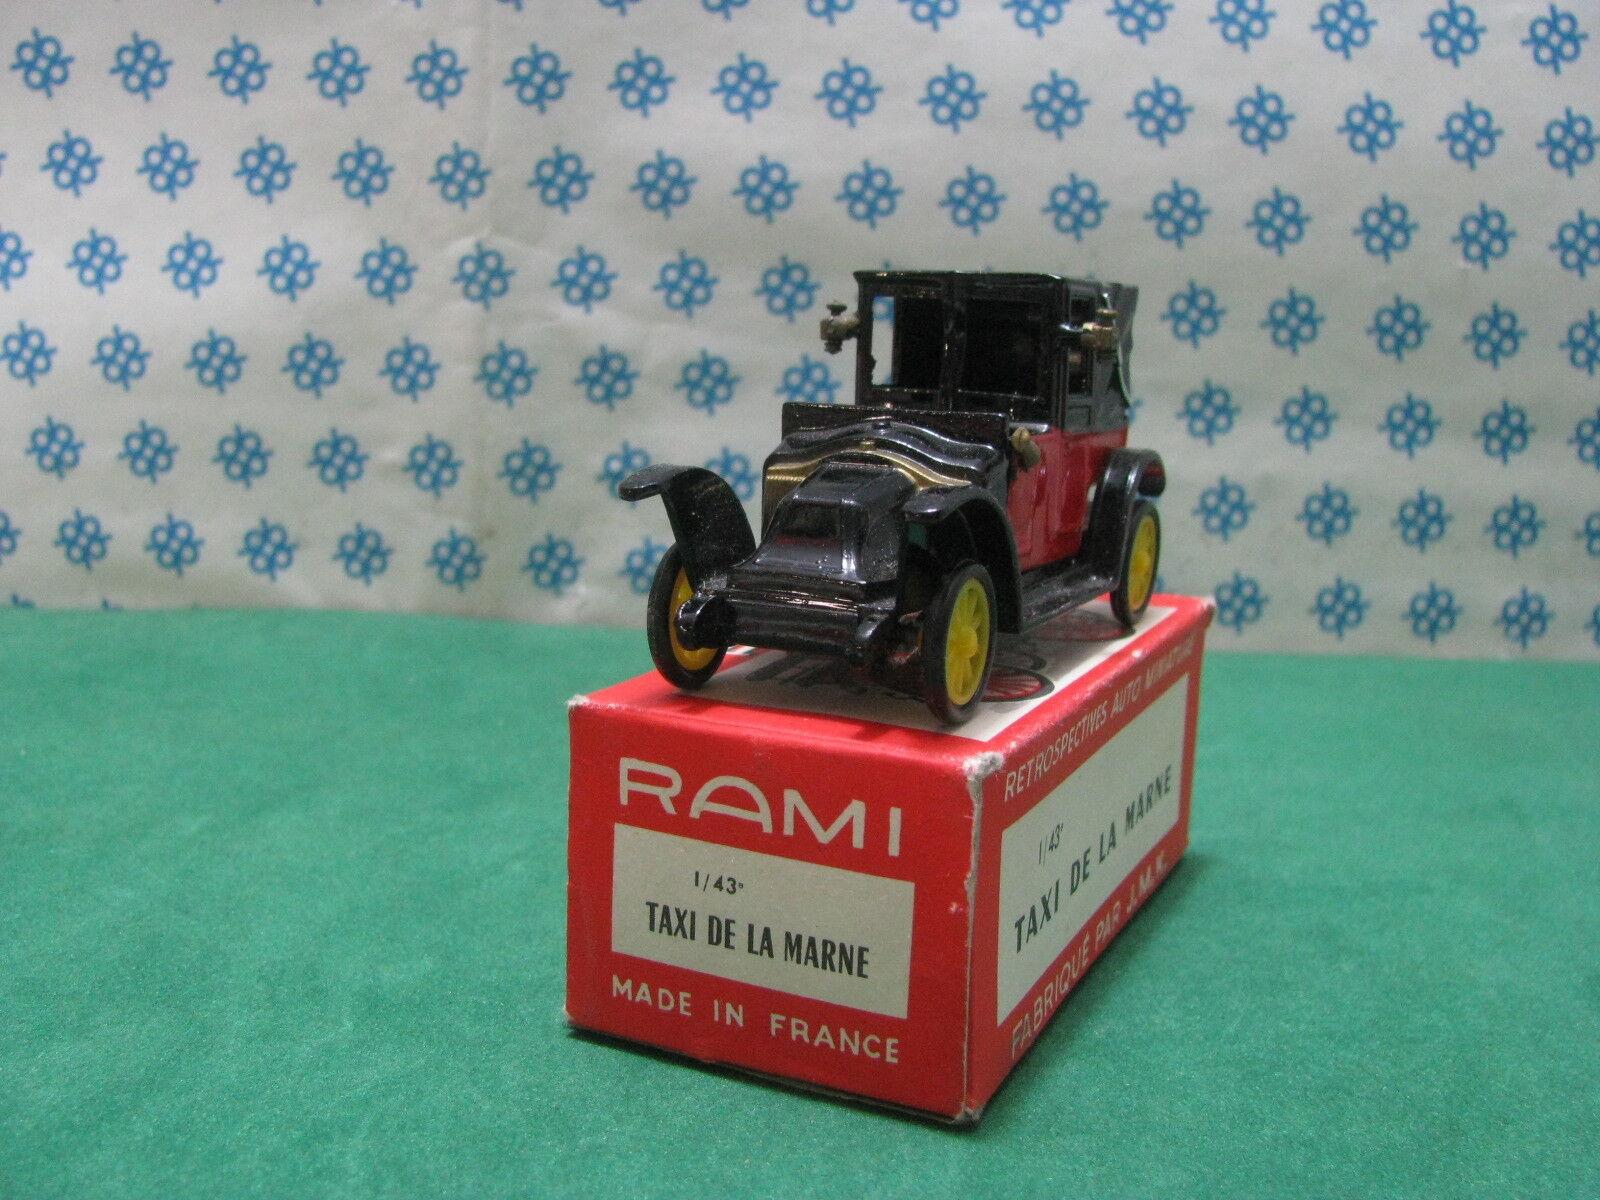 Vintage Rami - - - Taxi de la Marne - 1 43 France 1961 f5486e